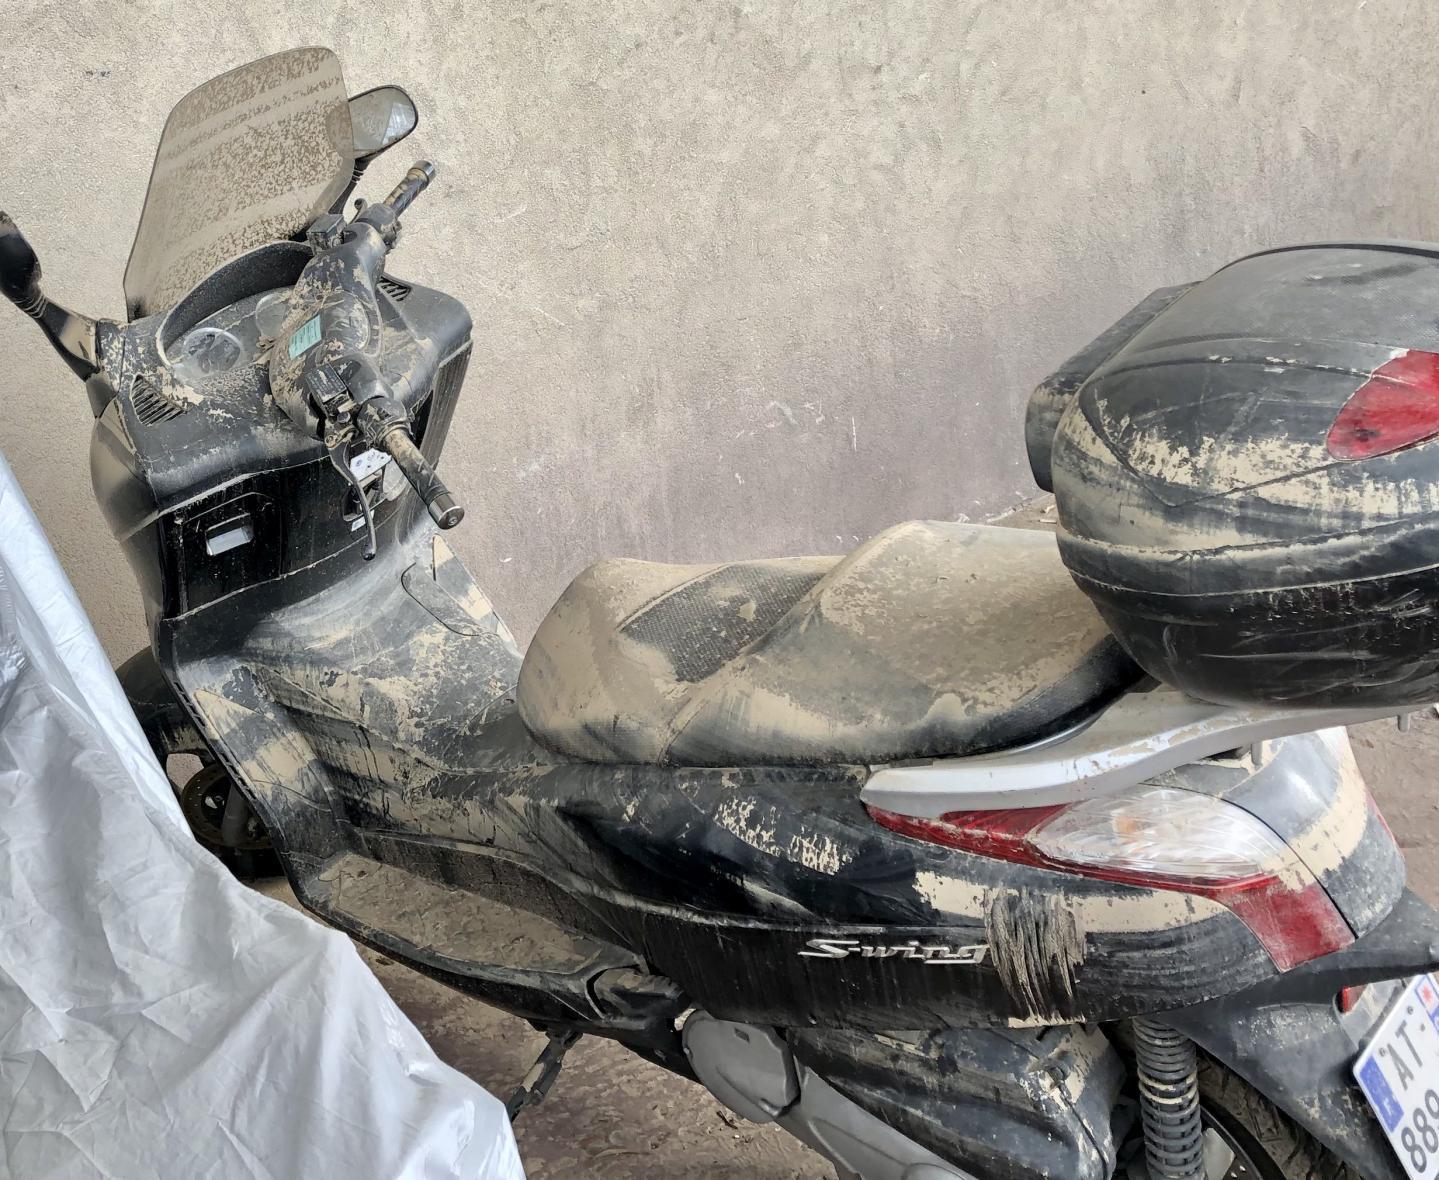 14 véhicules s'étaient retrouvés sous 1,75m d'eau croupissante, totalement hors service. Tout comme une moto Harley-Davidson et deux scooters qui attendent toujours le passage des experts.